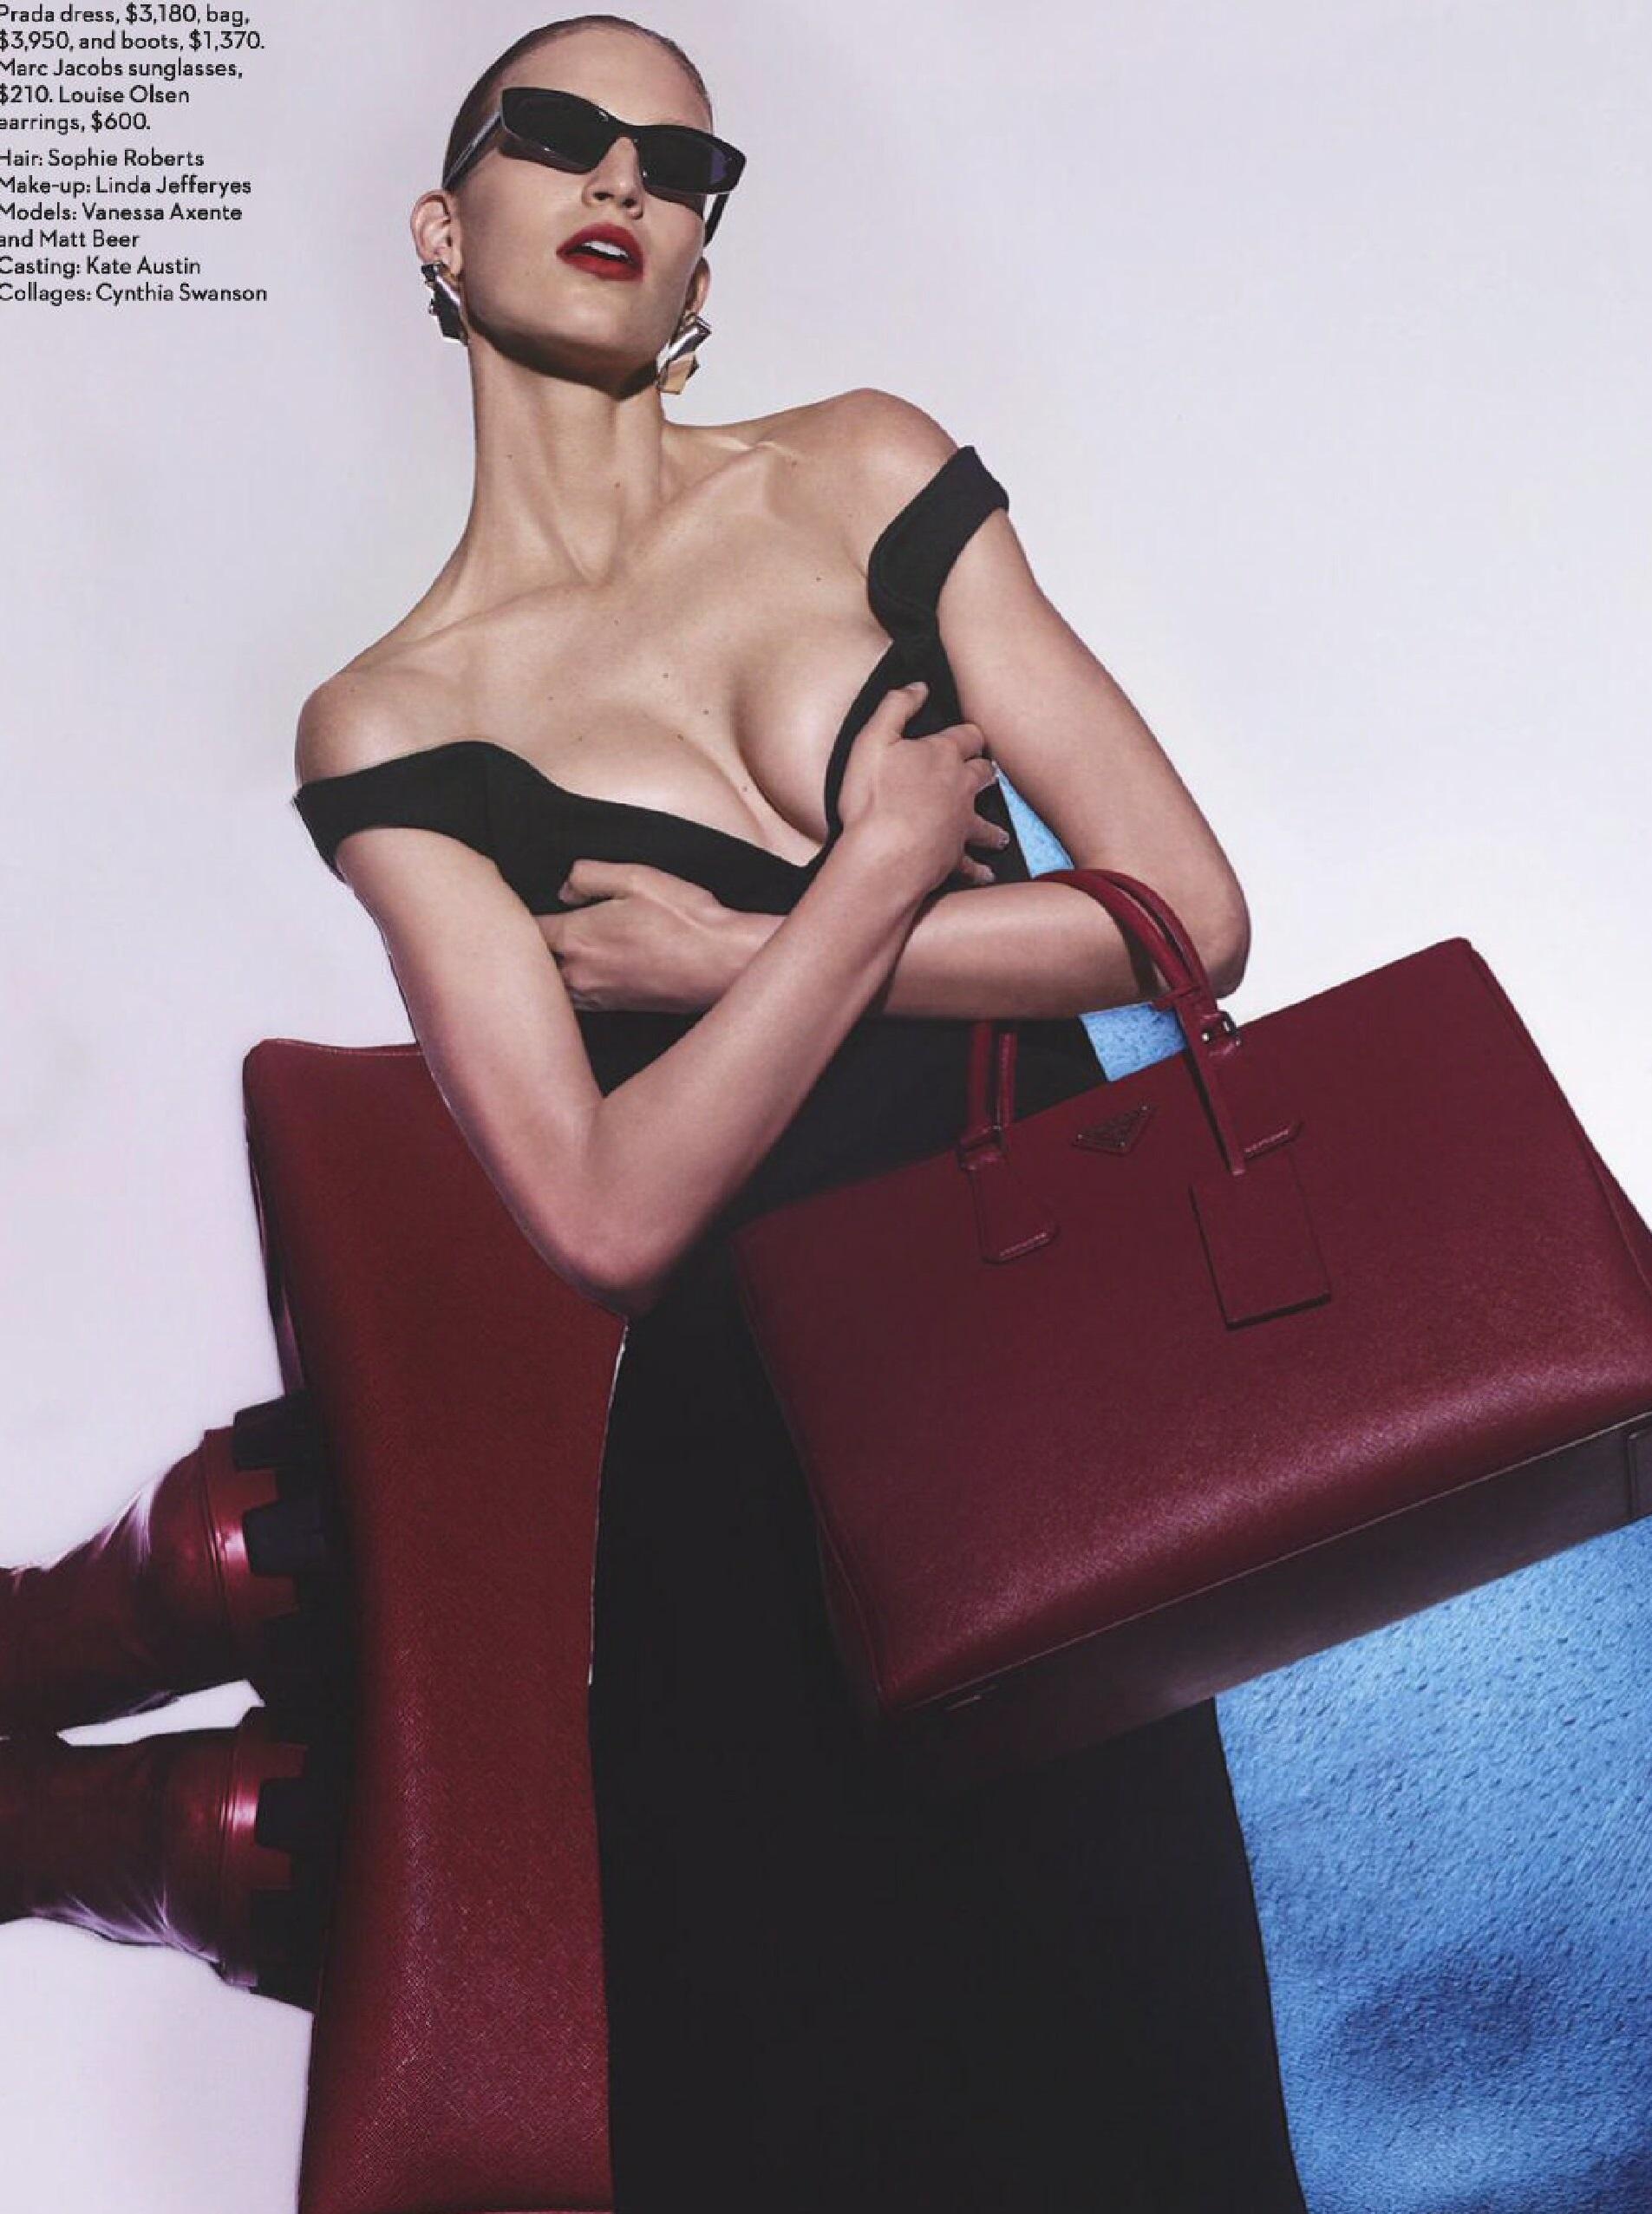 Vanessa Axente Simon Eeles Vogue Australia (9).jpg